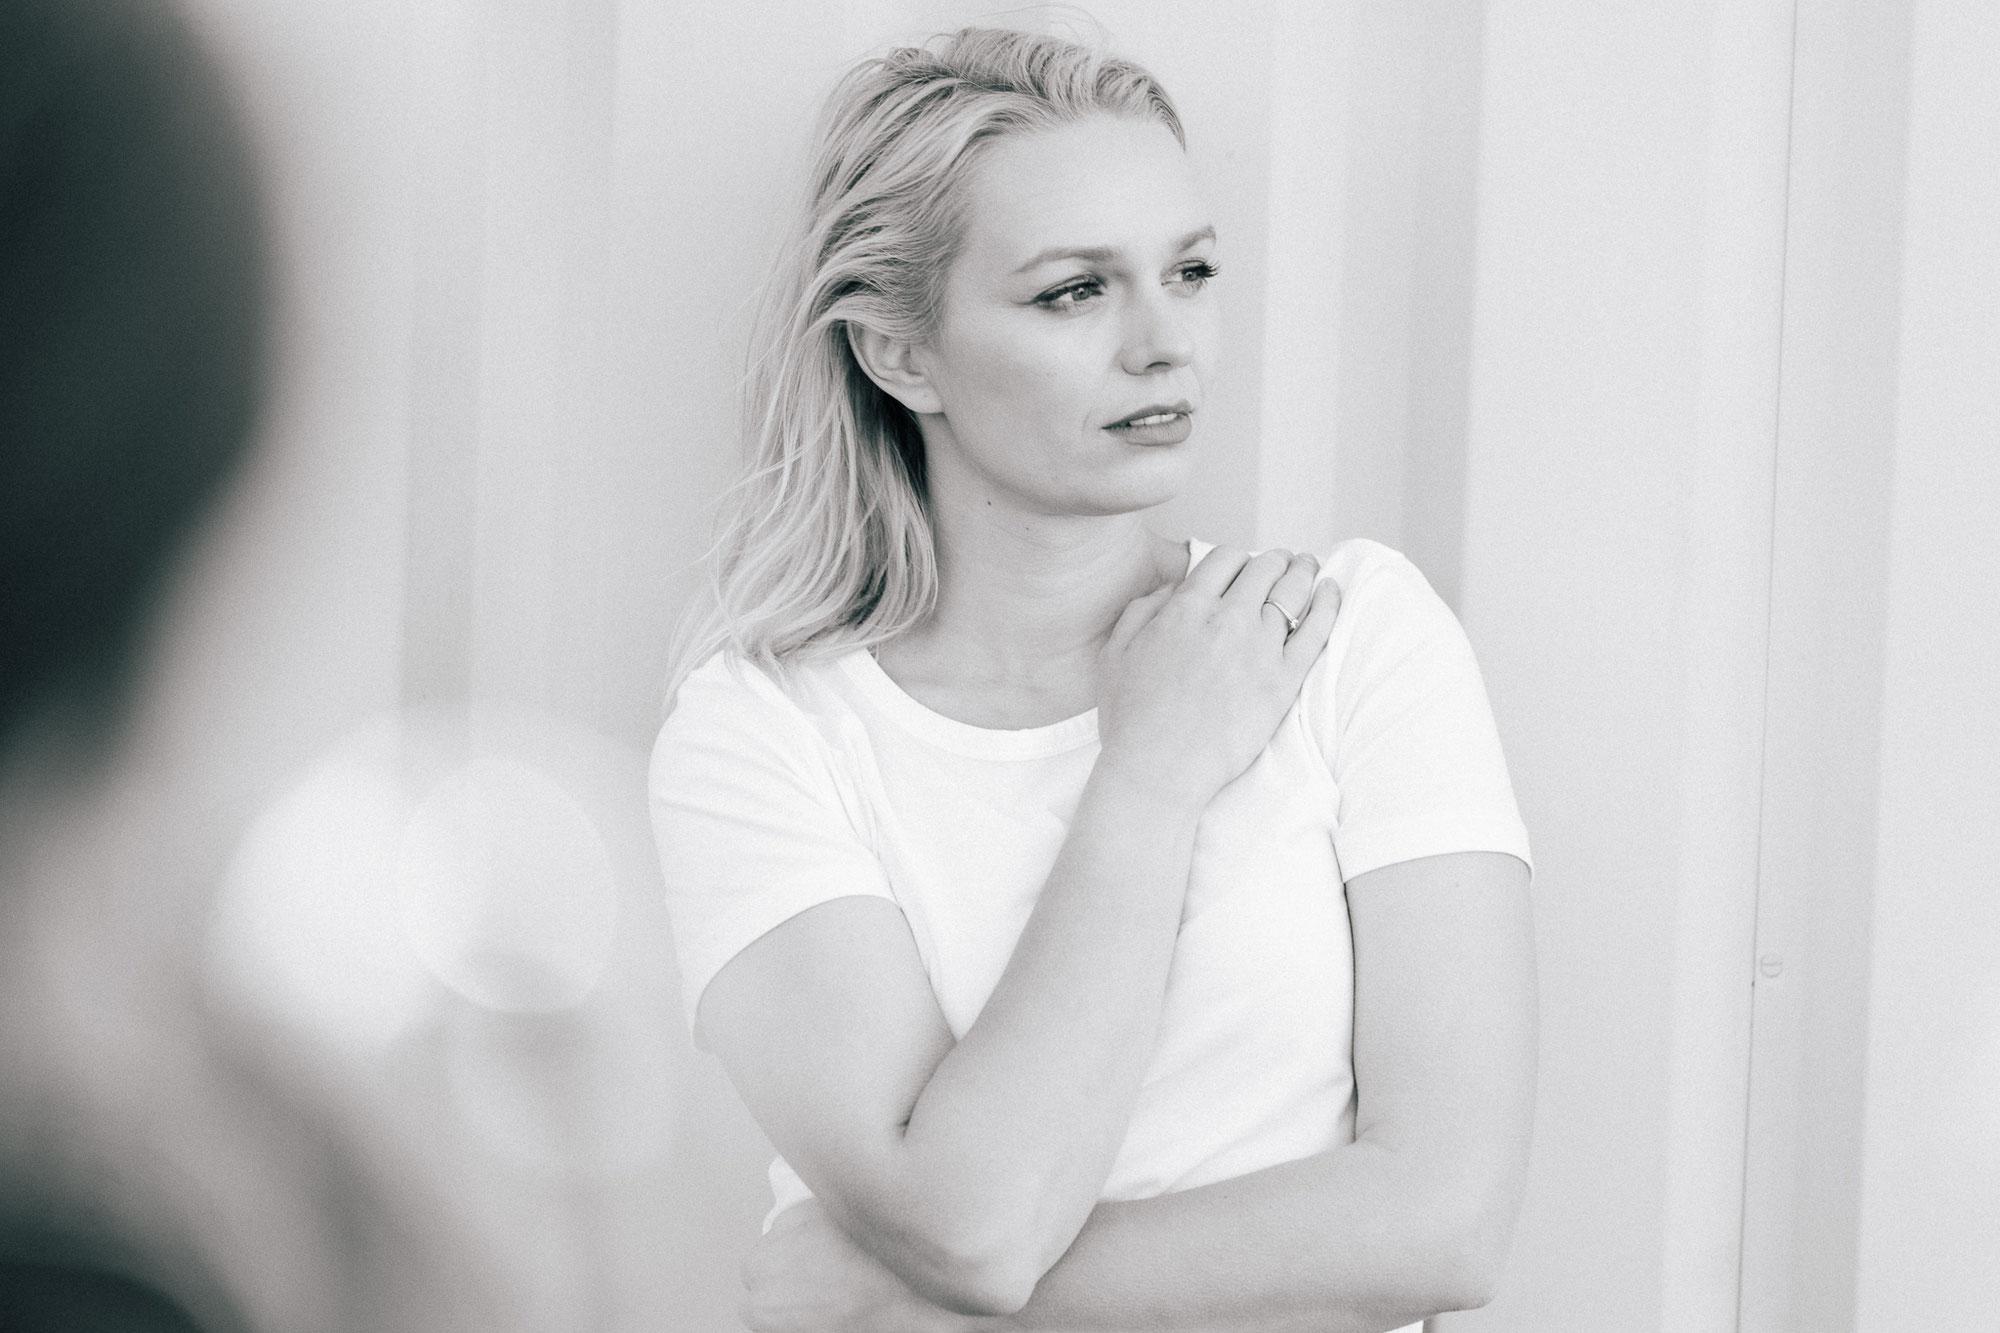 Workshop Portrait Fotografie - Kreative Fotowerkstatt Marchfeld